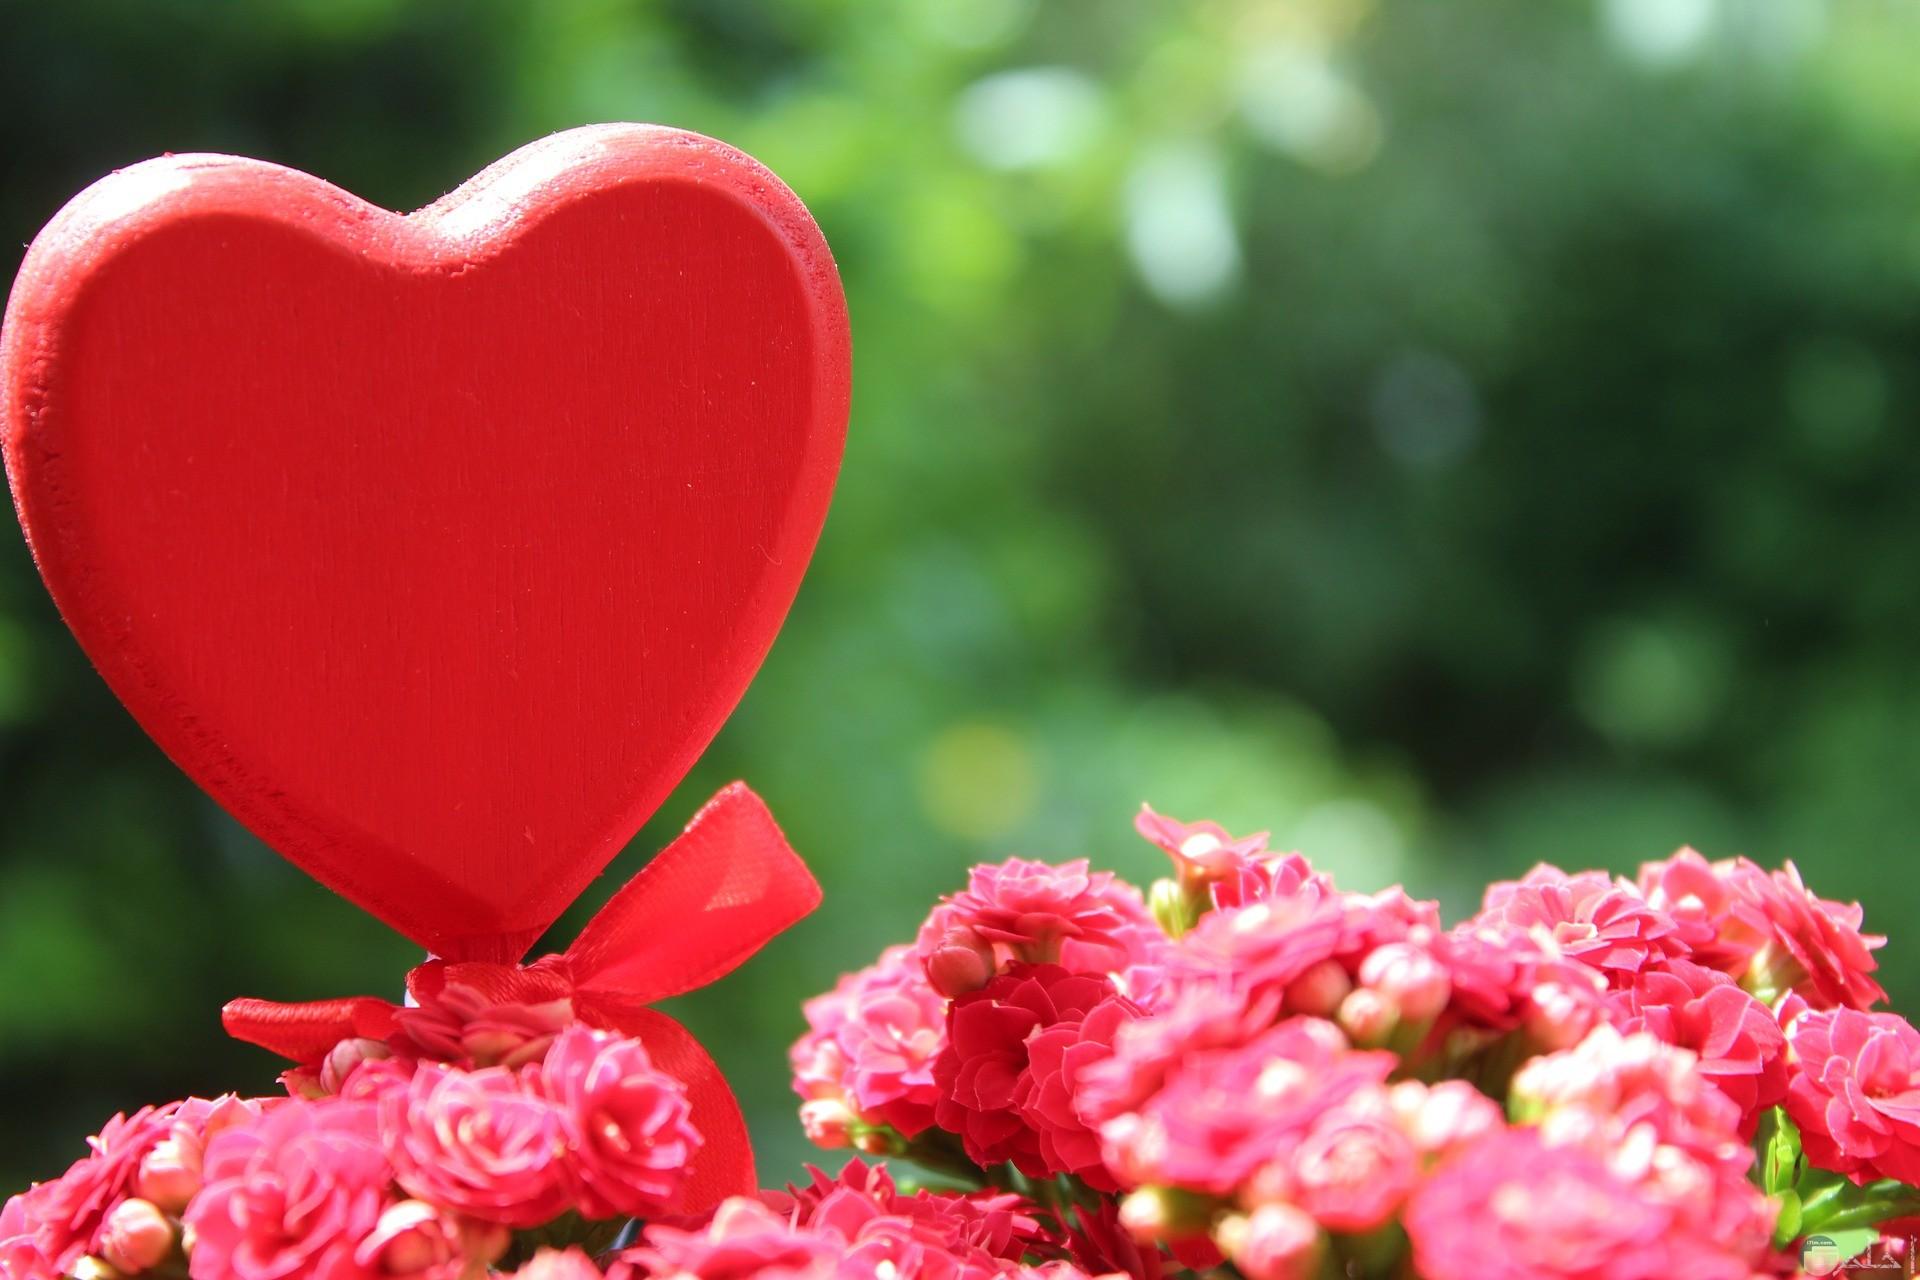 фотографии и картинки сердца свежим